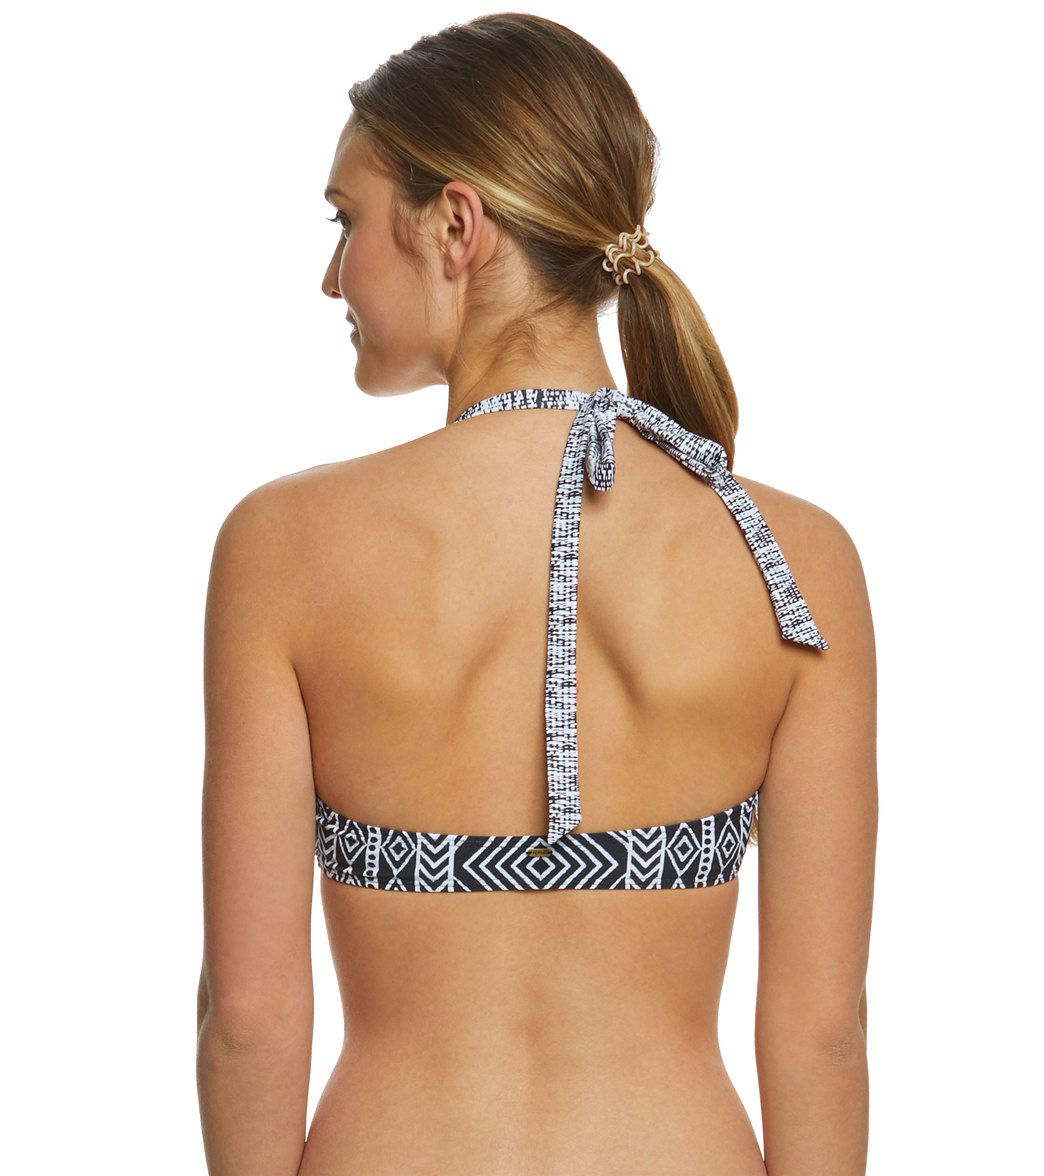 57cd4f695d376 Rip Curl Women s Black Sands Bralette Swim Top at SwimOutlet.com ...